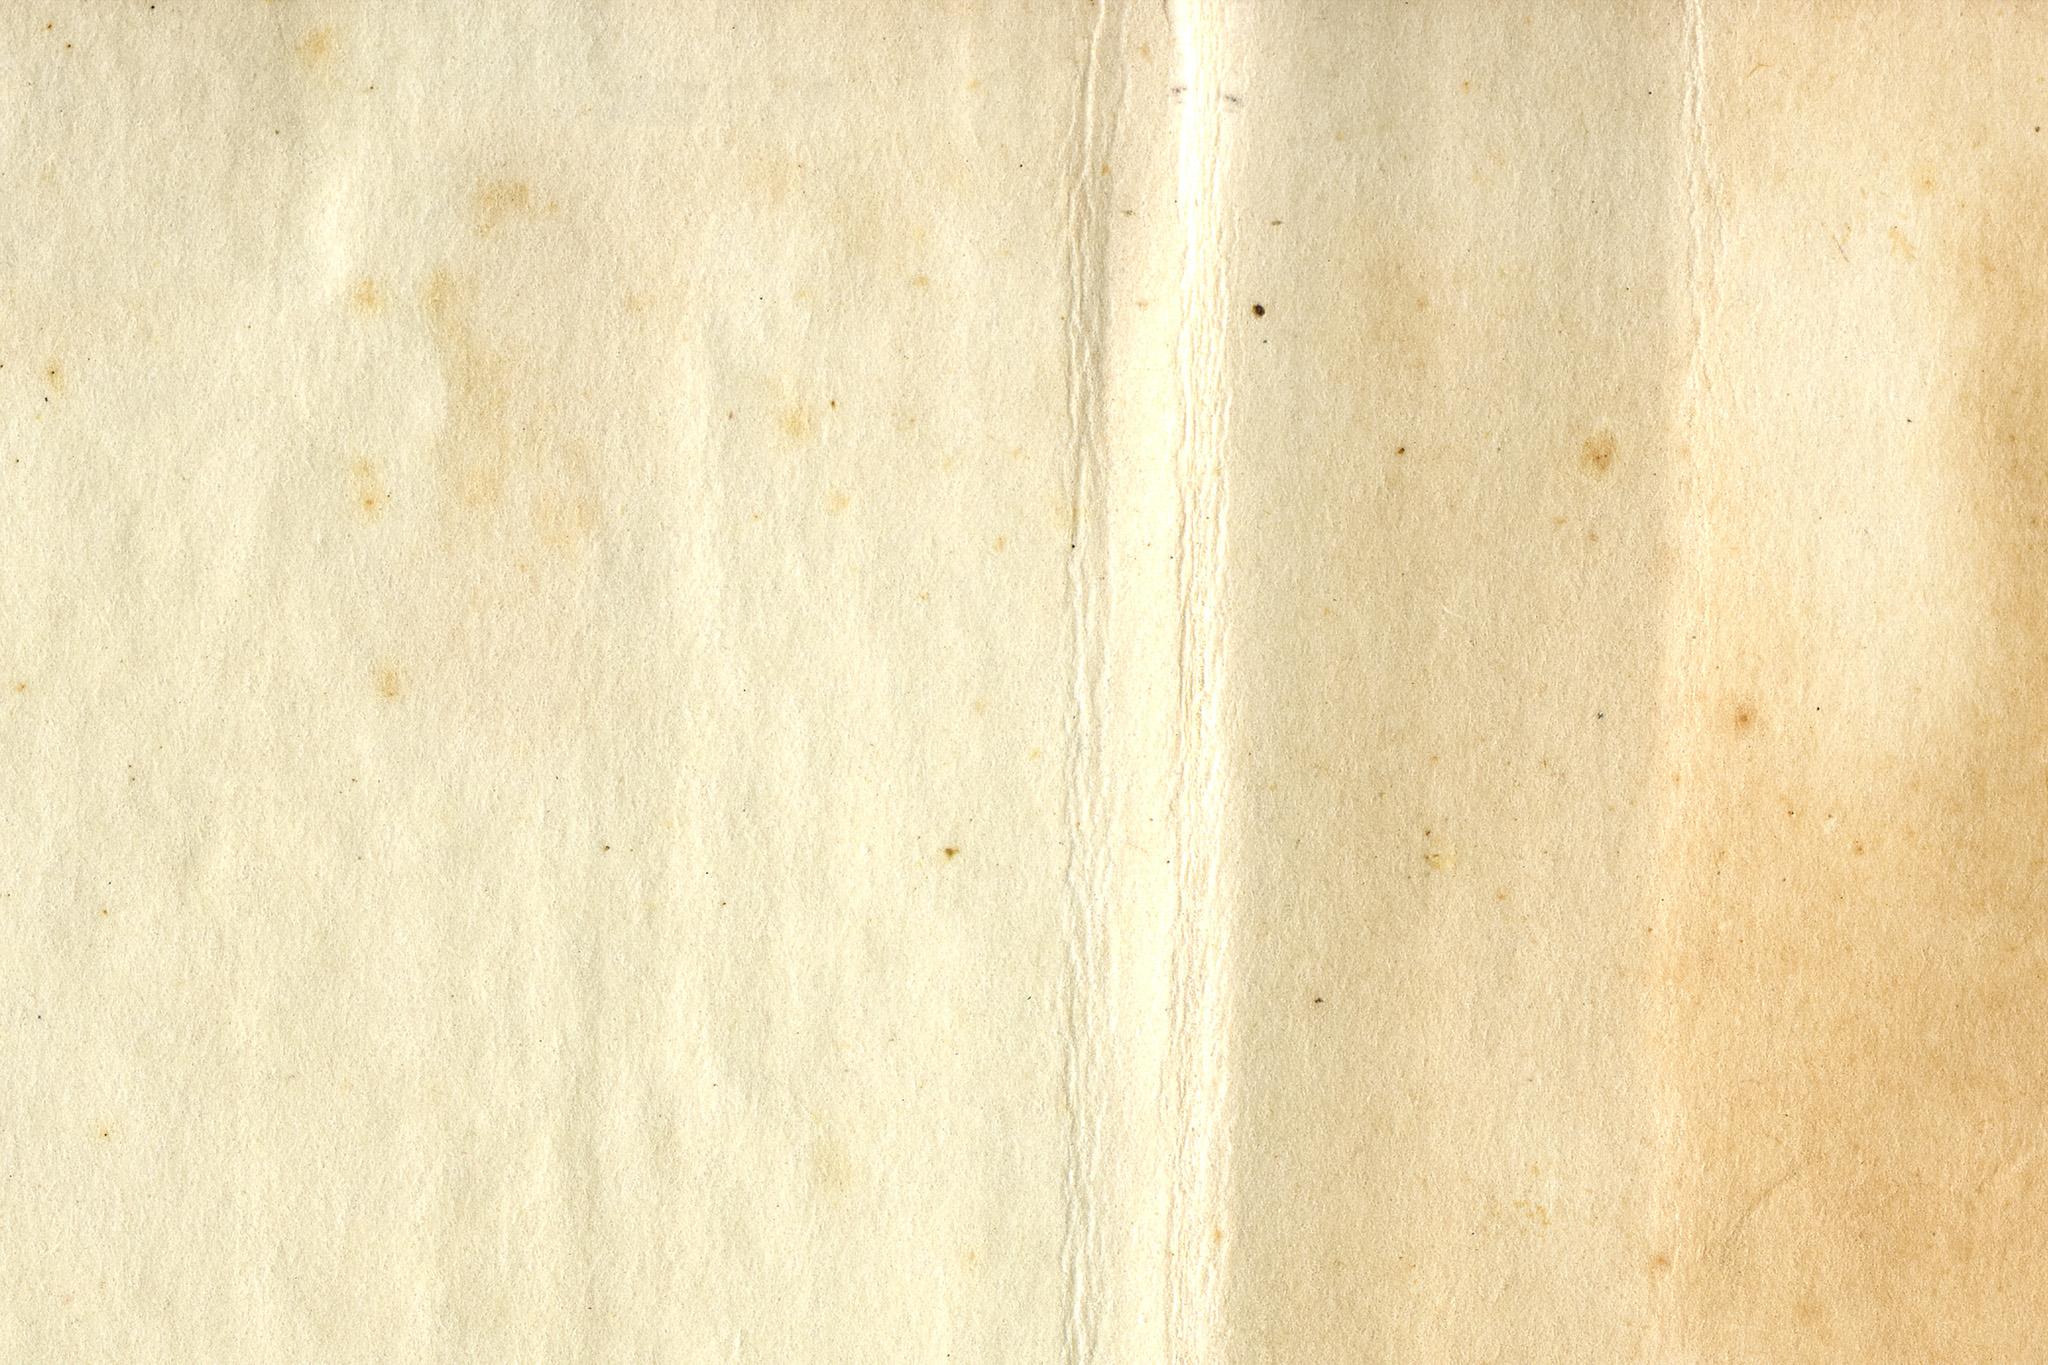 「古い紙の味のある風合い」